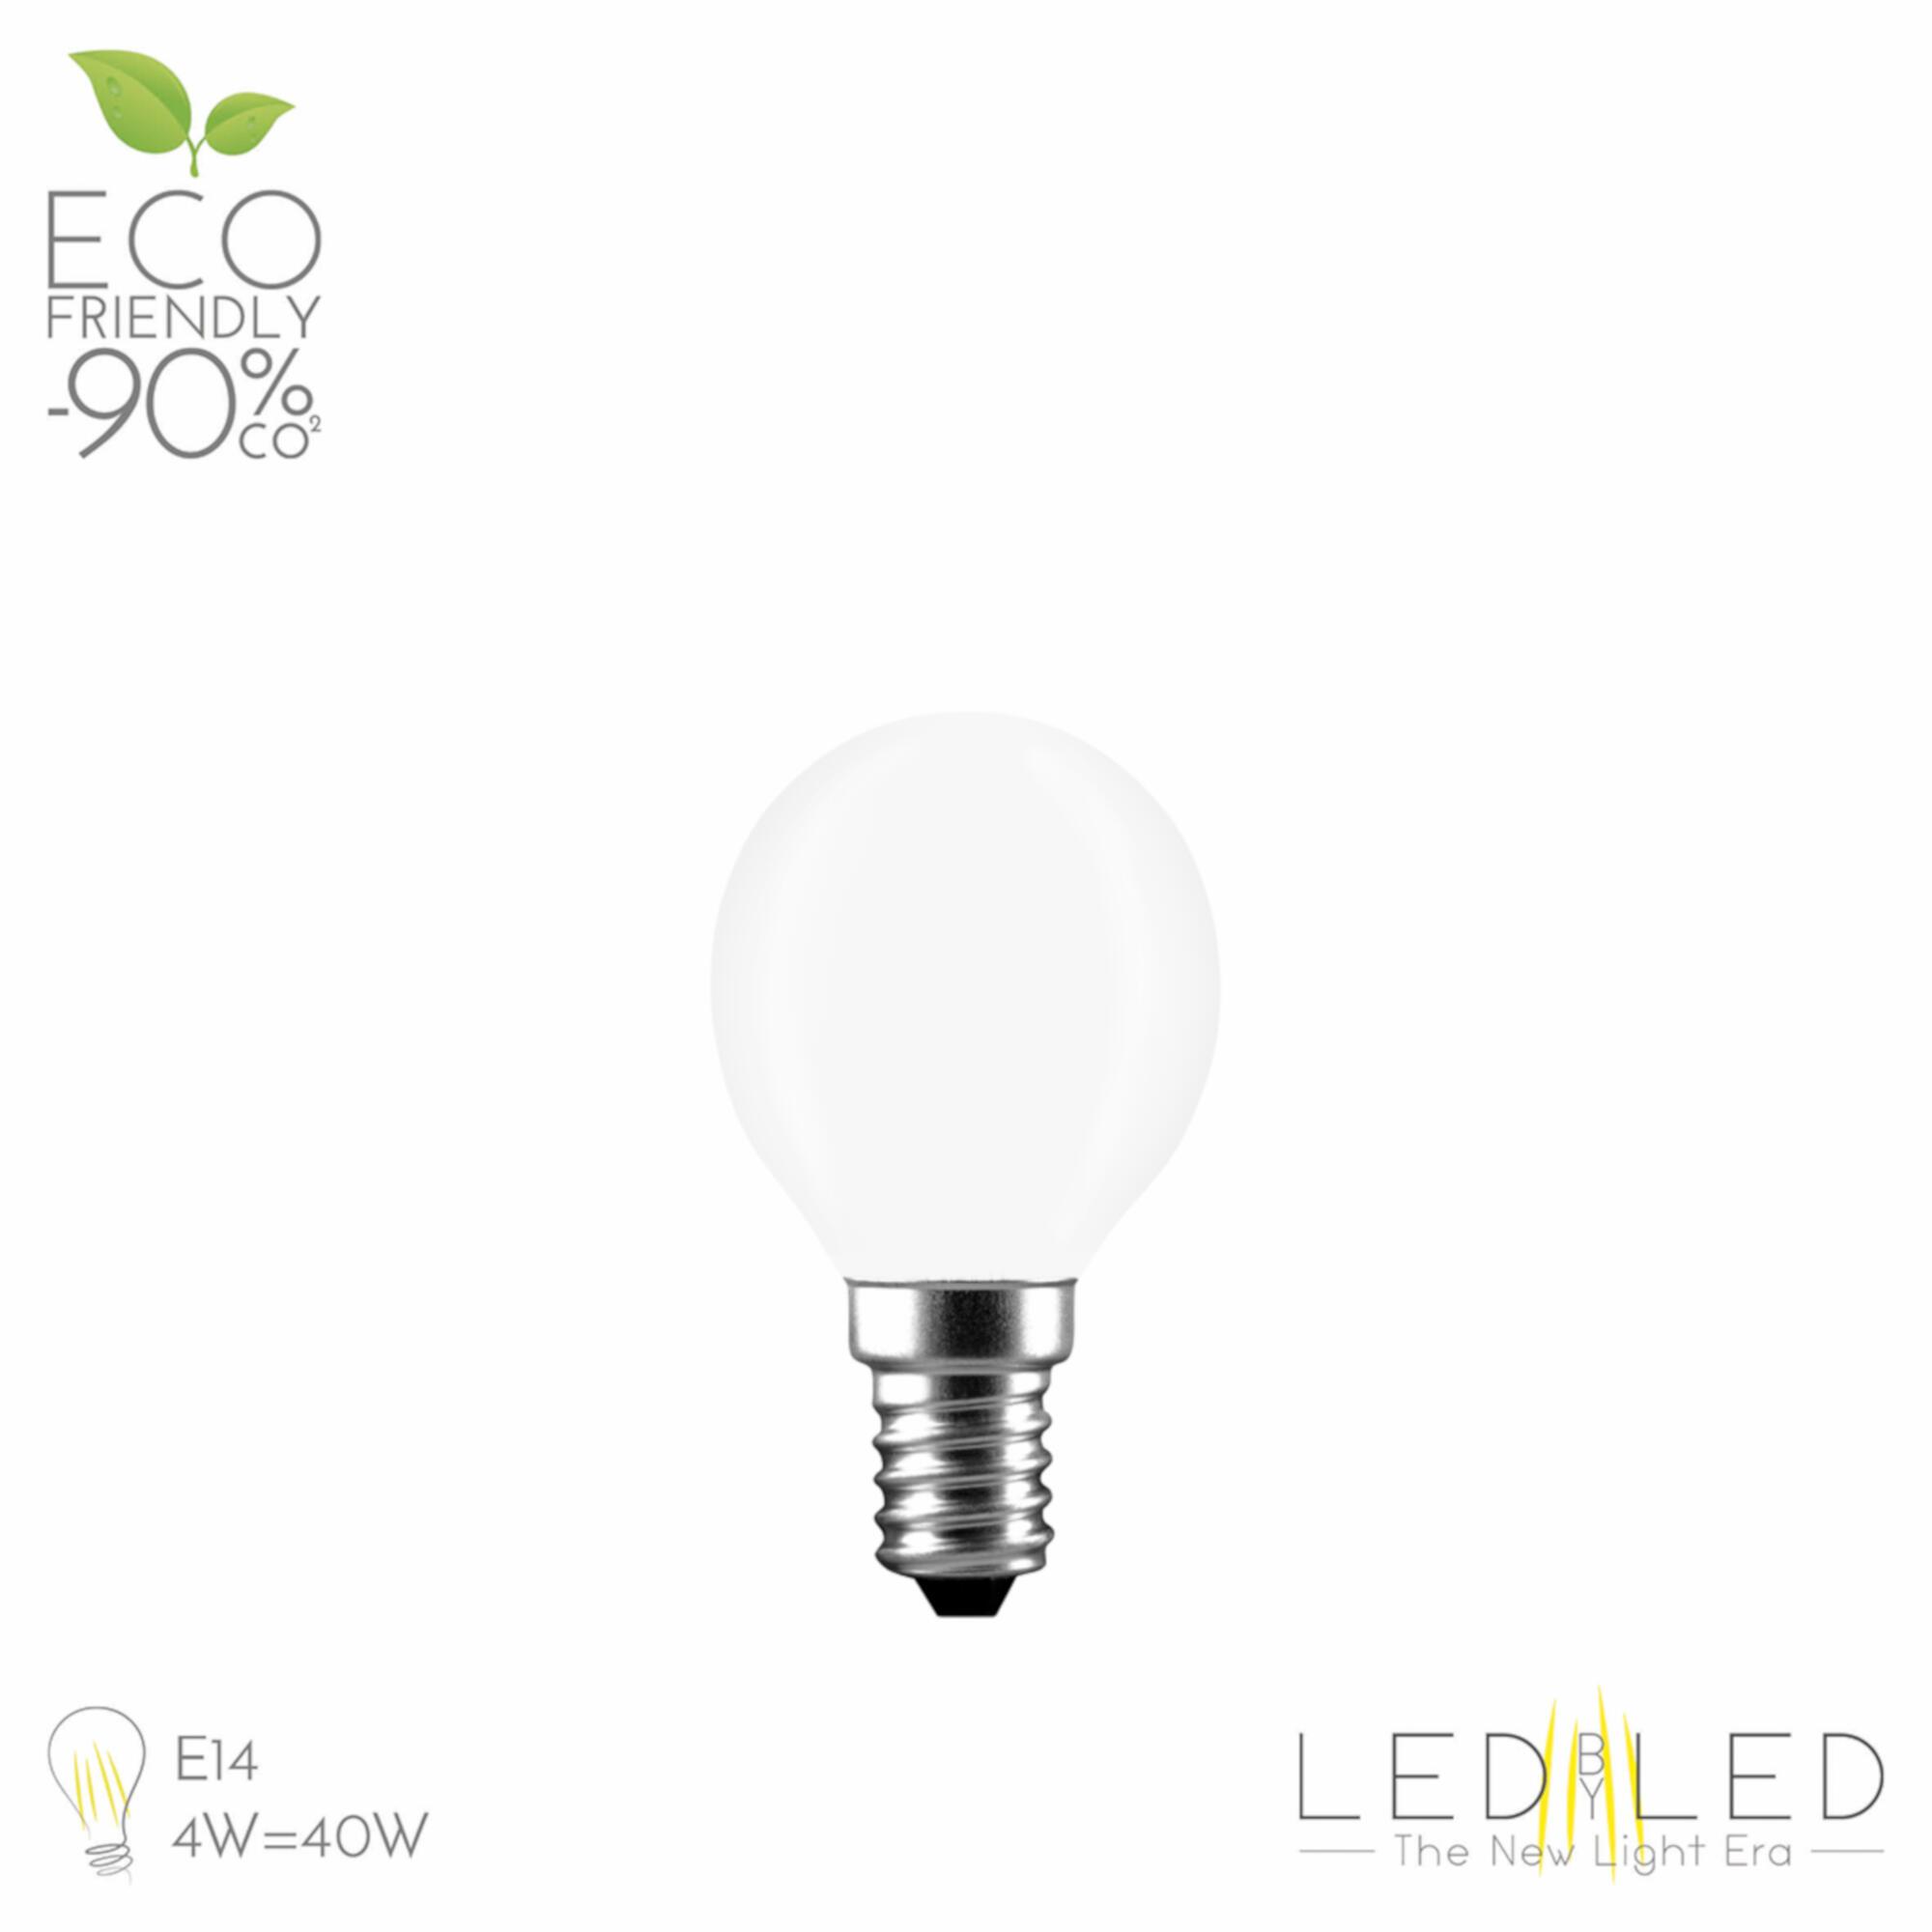 Led by led Lampadina LED a